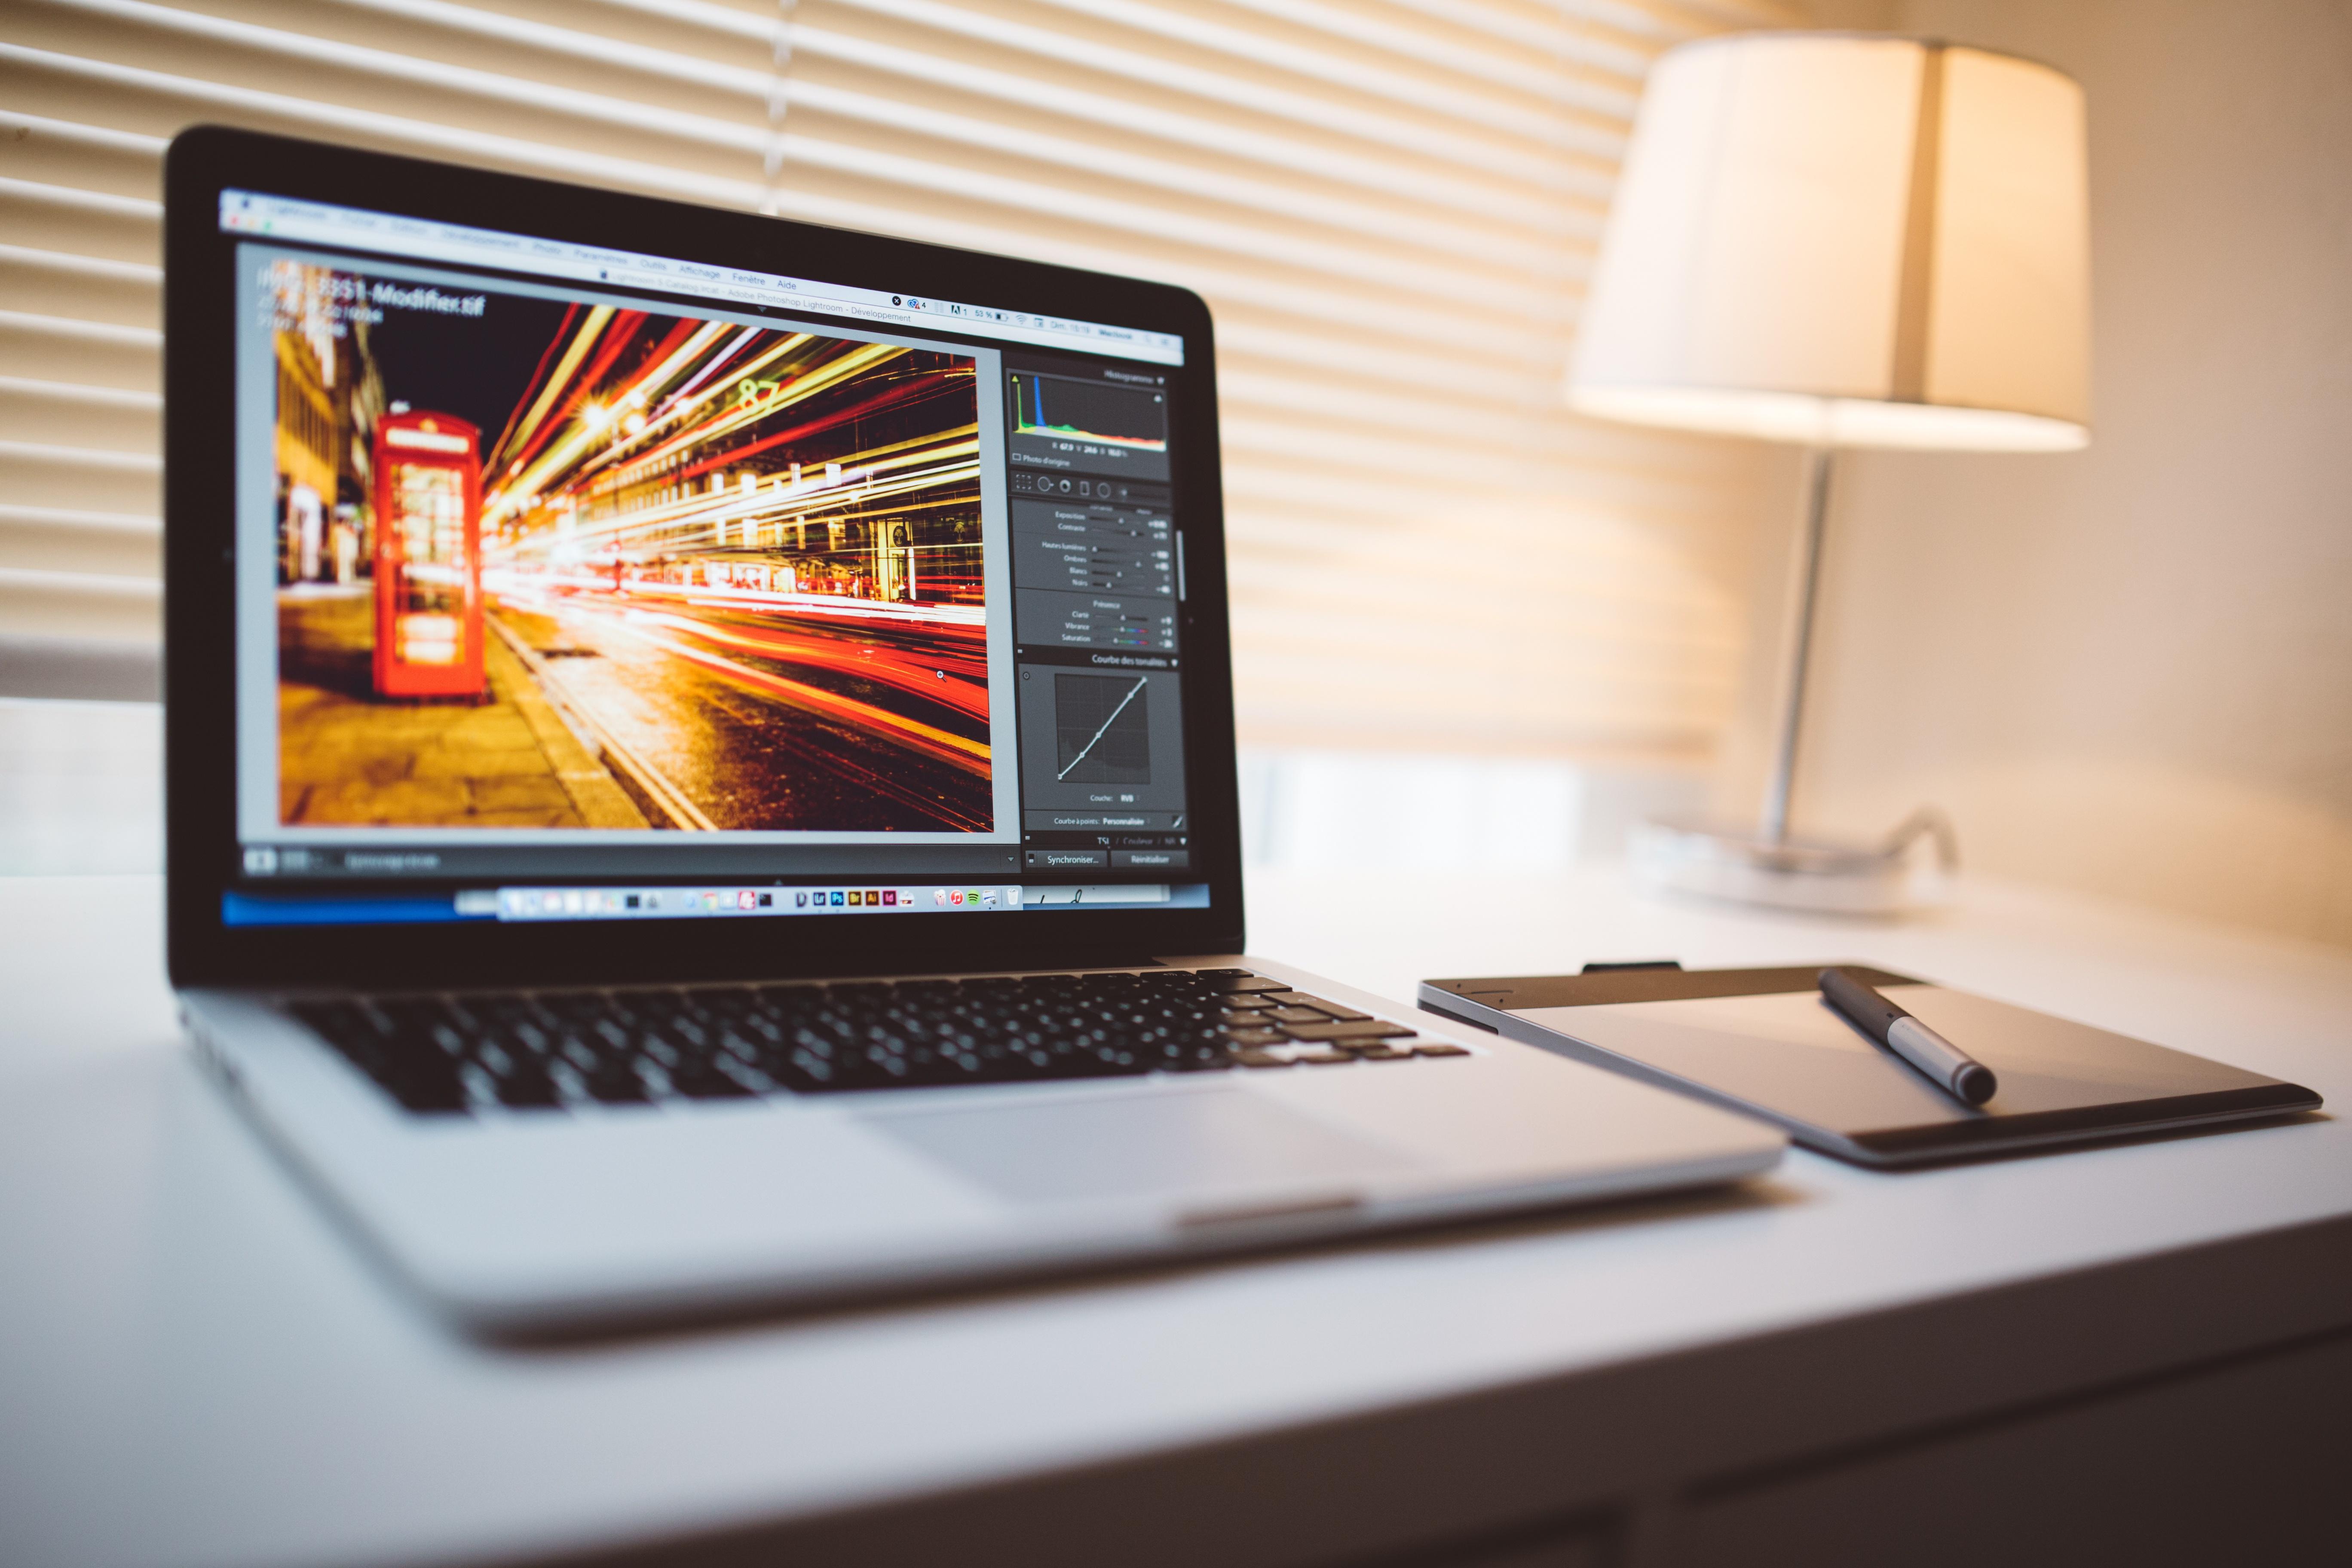 носителем изображения при открытии ноутбука фотографировать дубай нужно записаться